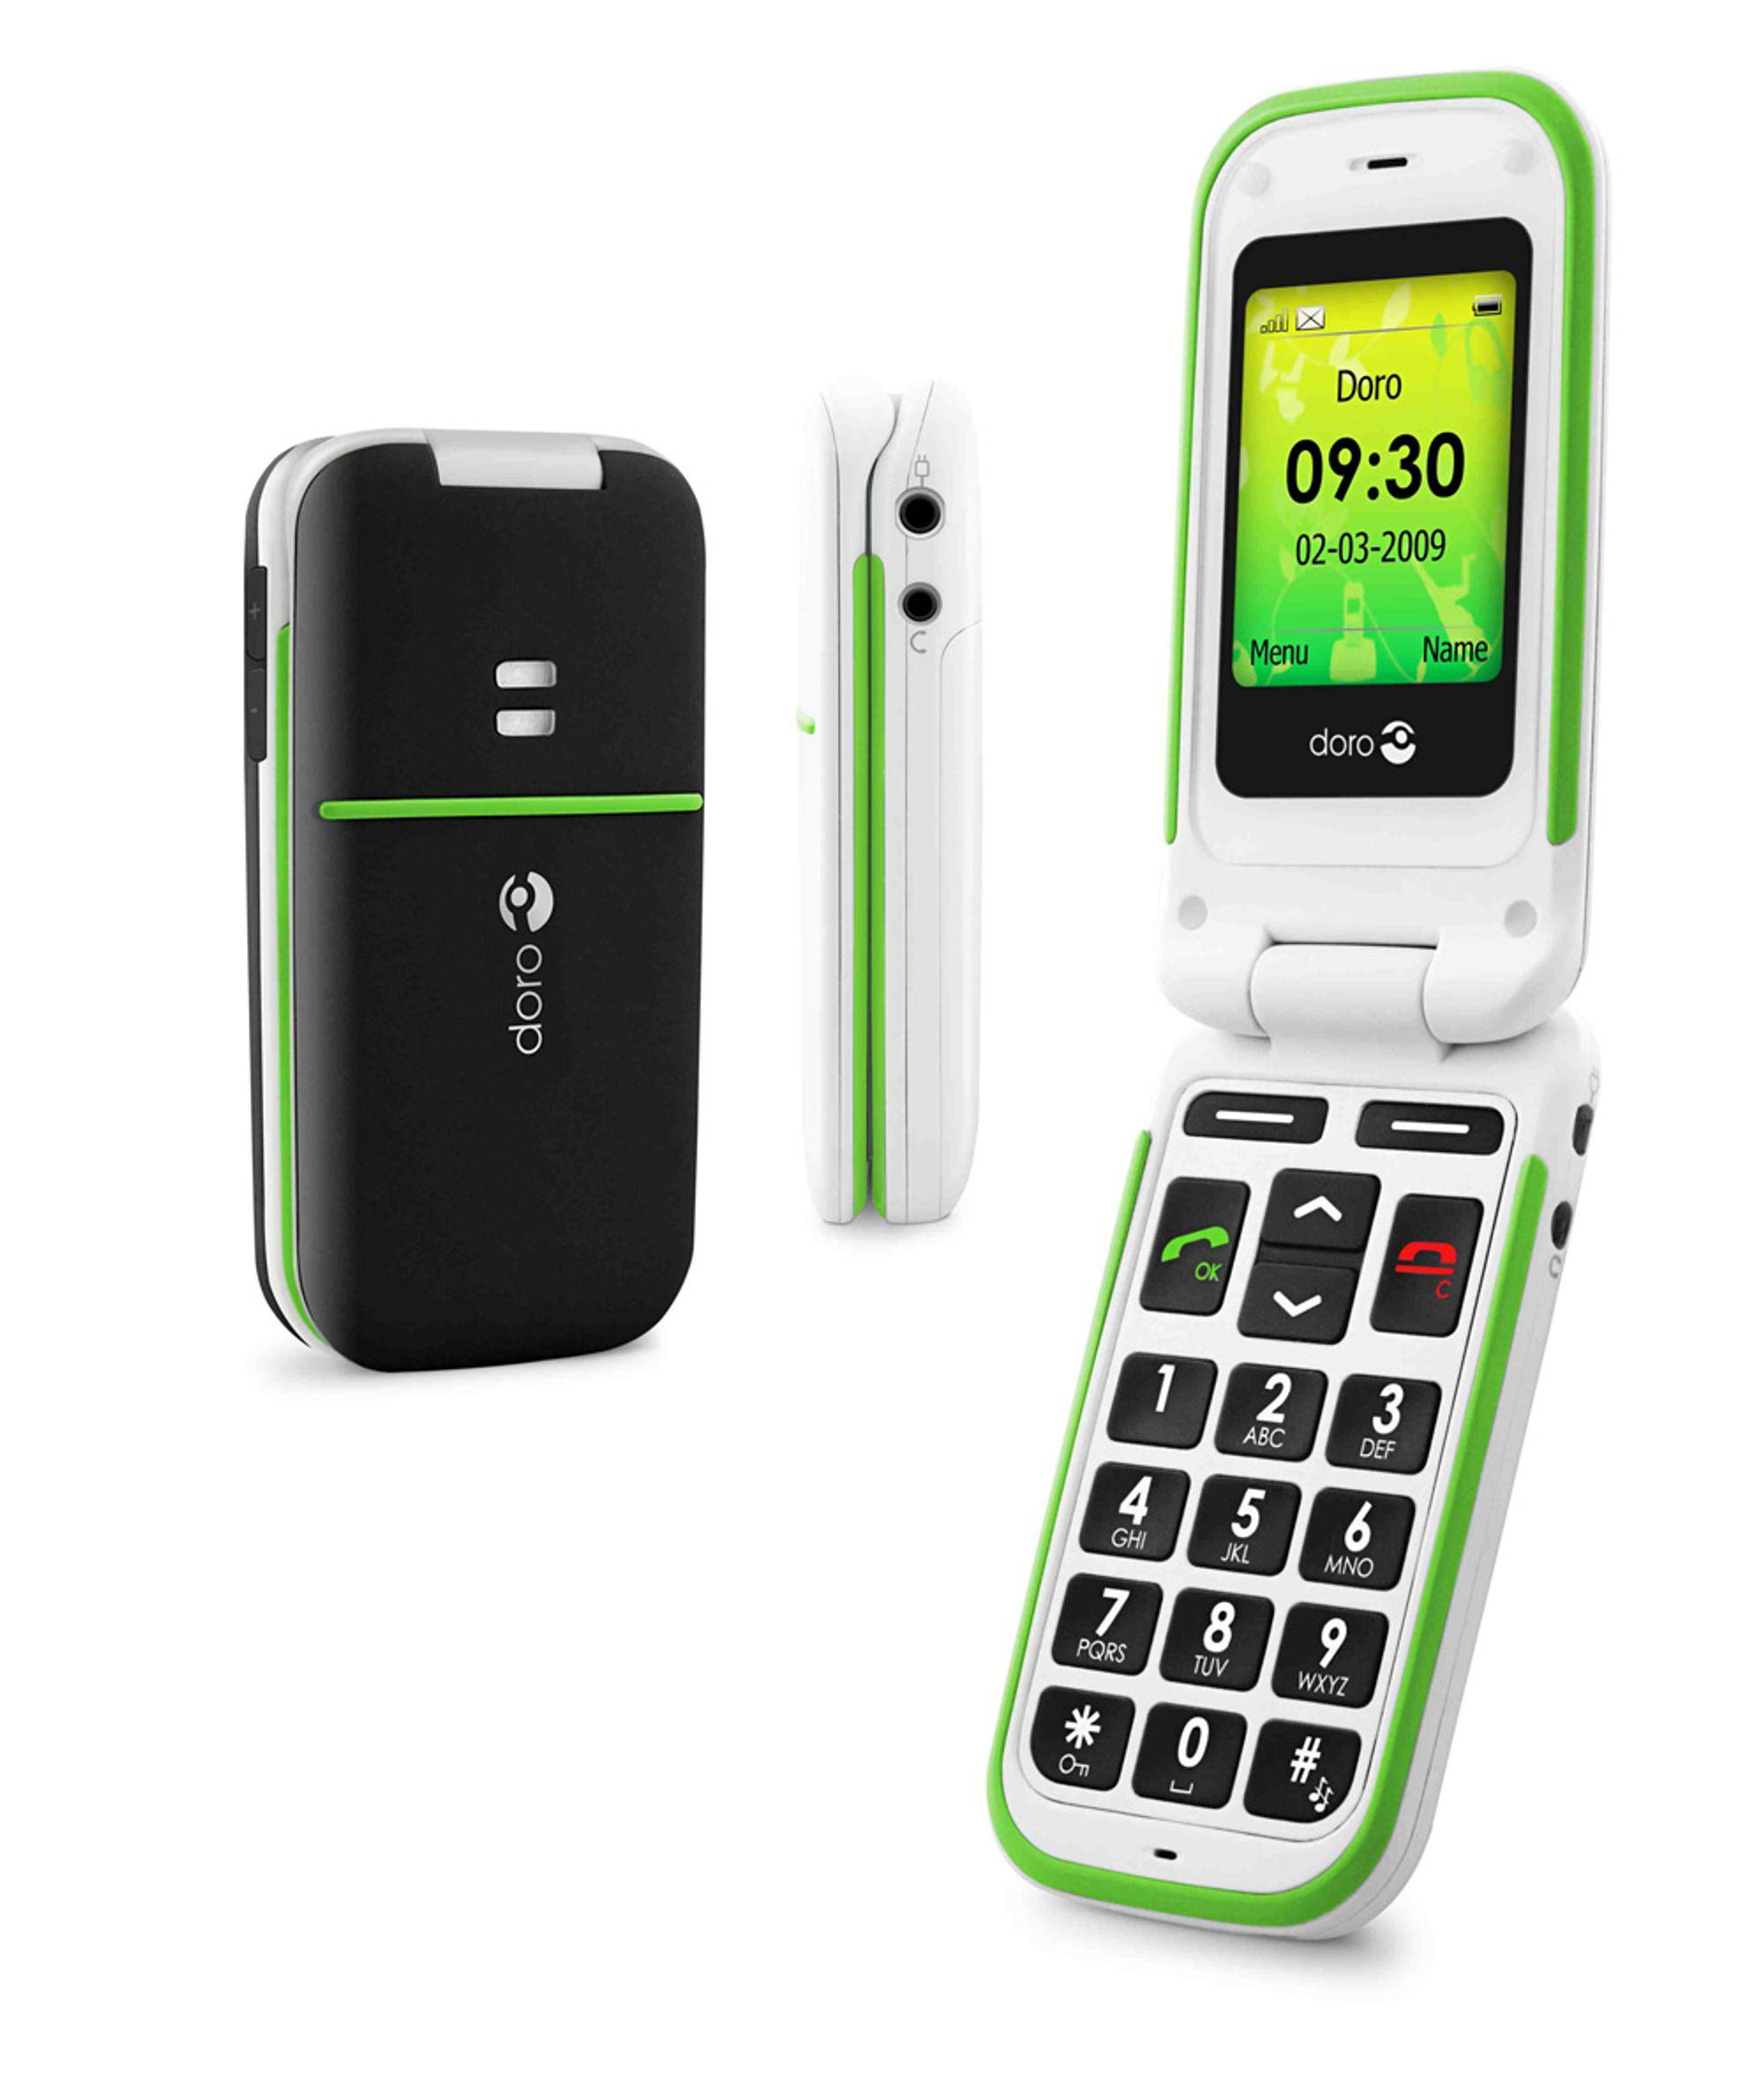 priser på mobiltelefoner i tyskland